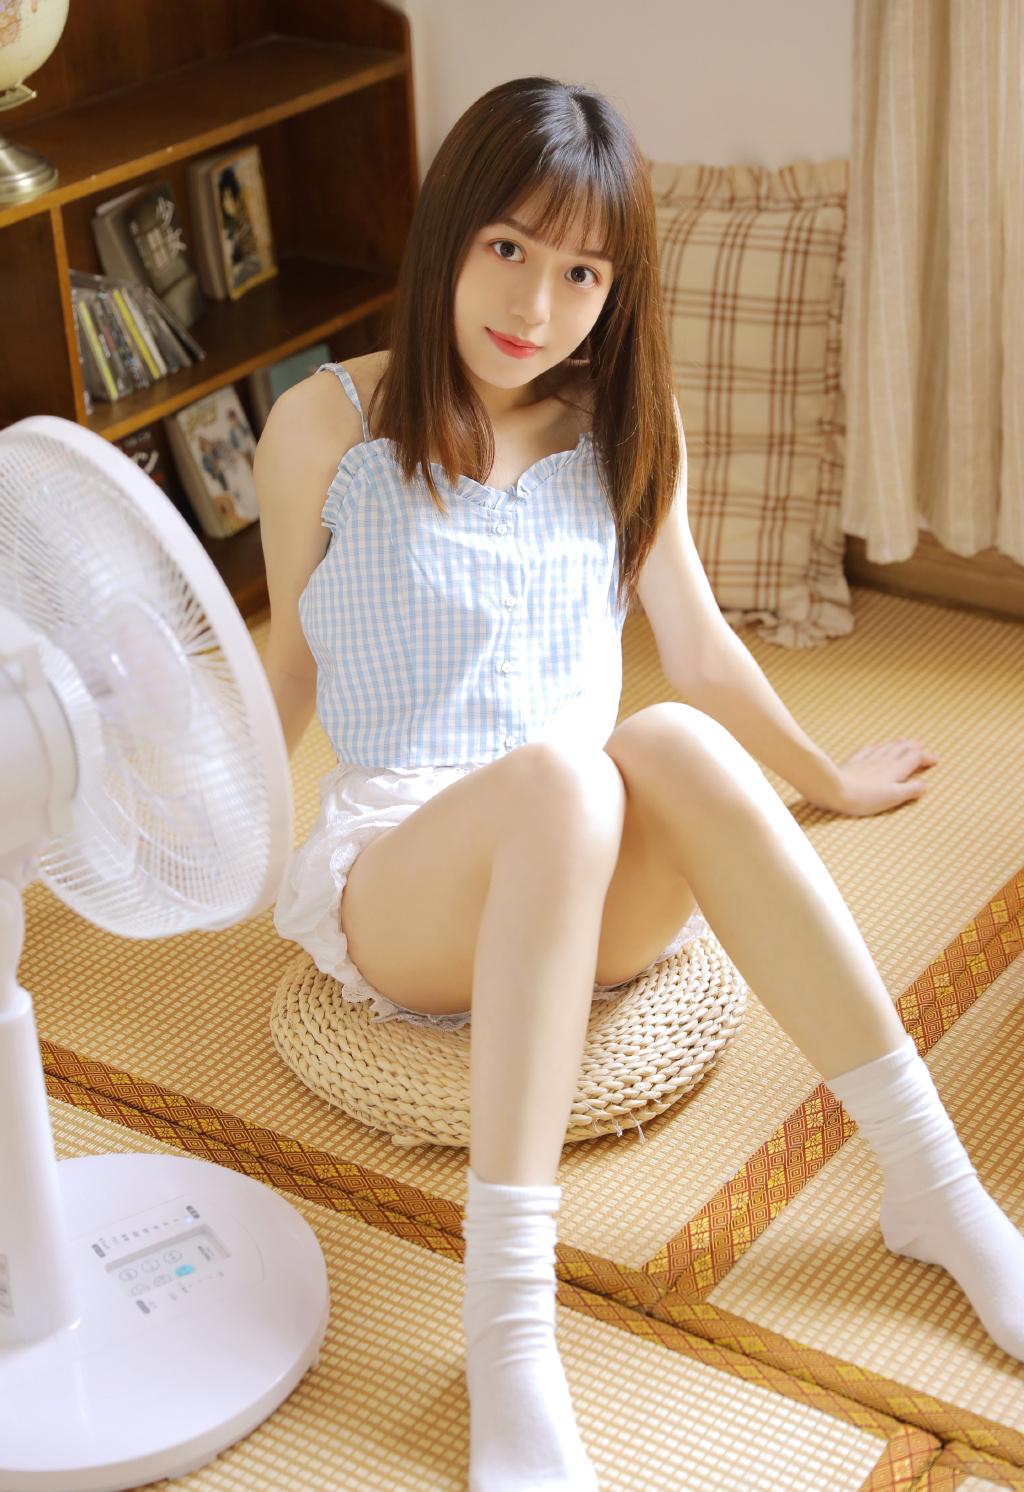 白皙大長腿美女Queenie白領制服性感私房寫真 - 亞洲美女 -